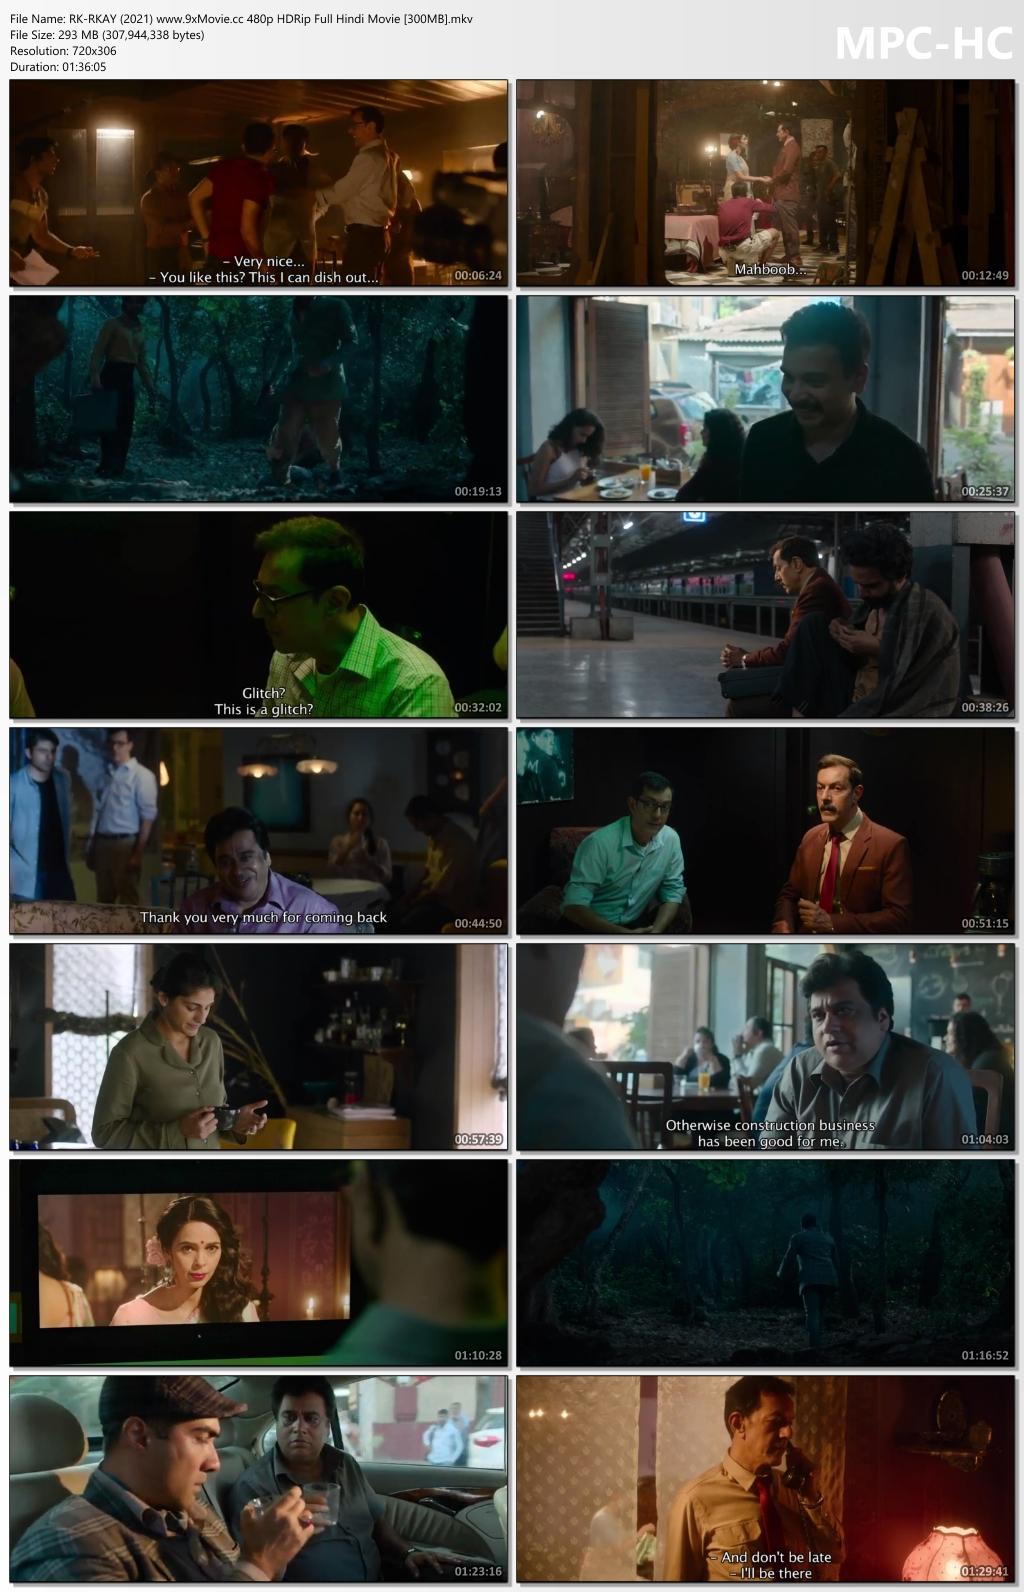 RK-RKAY-2021-www-9x-Movie-cc-480p-HDRip-Full-Hindi-Movie-300-MB-mkv